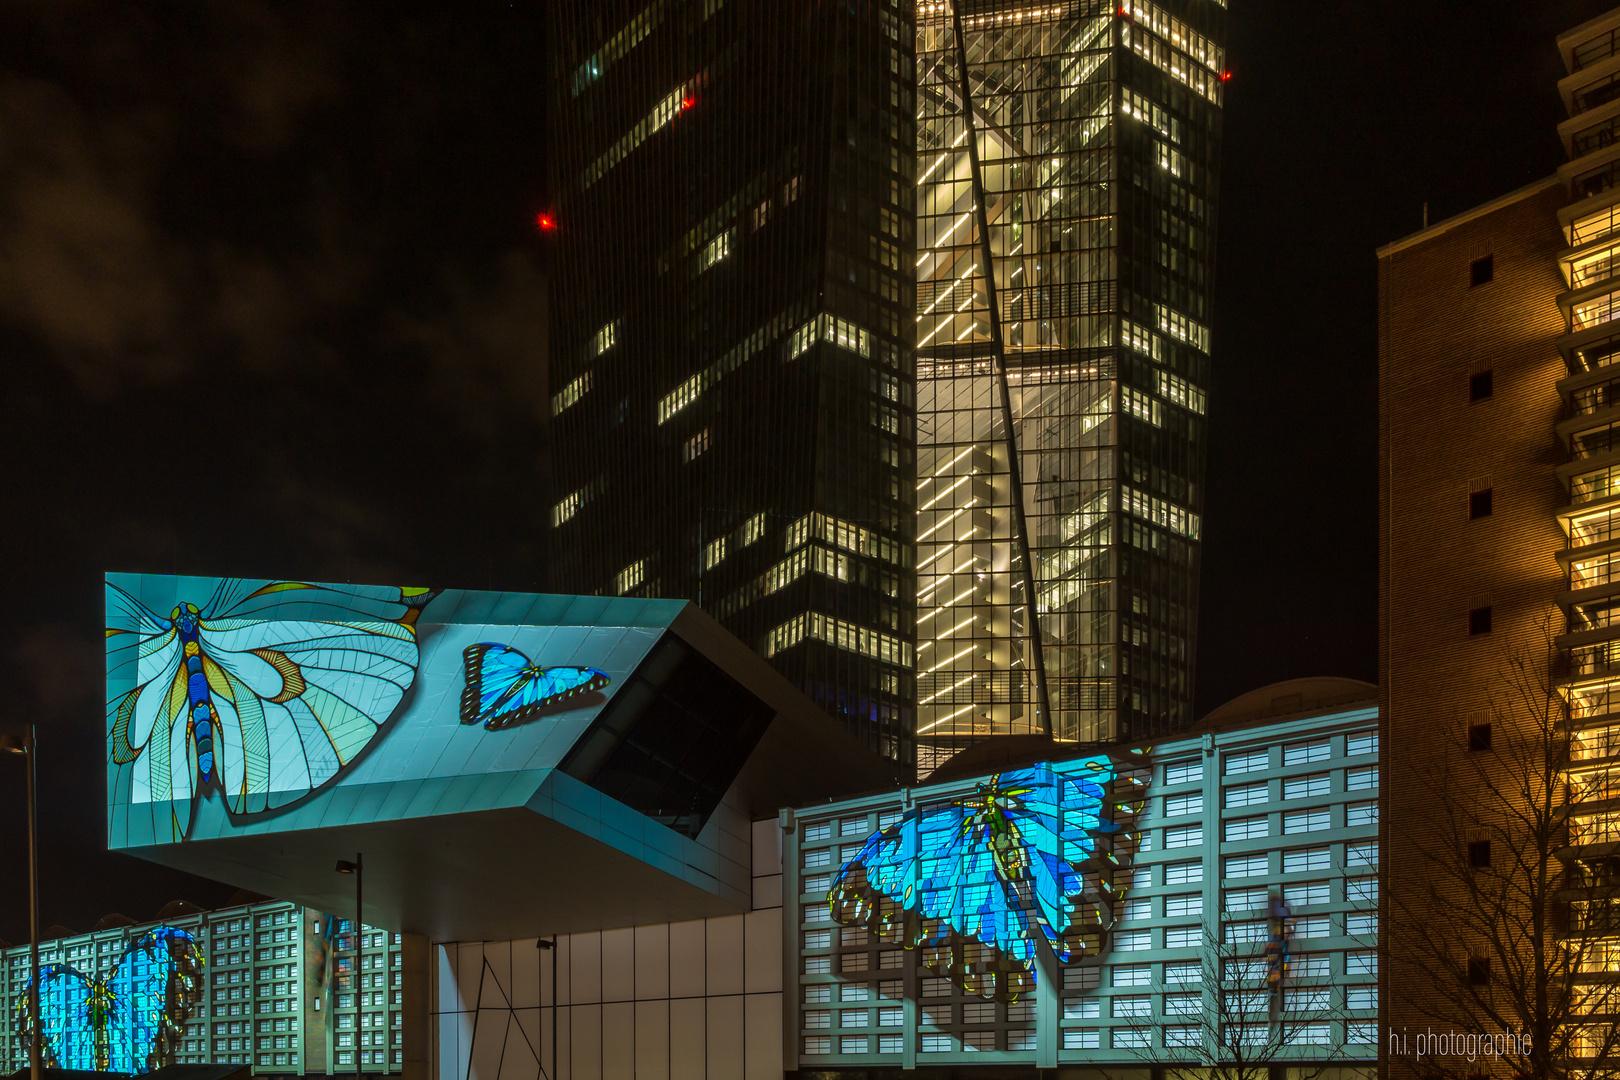 EZB Frankfurt am Main - Luminale 2018